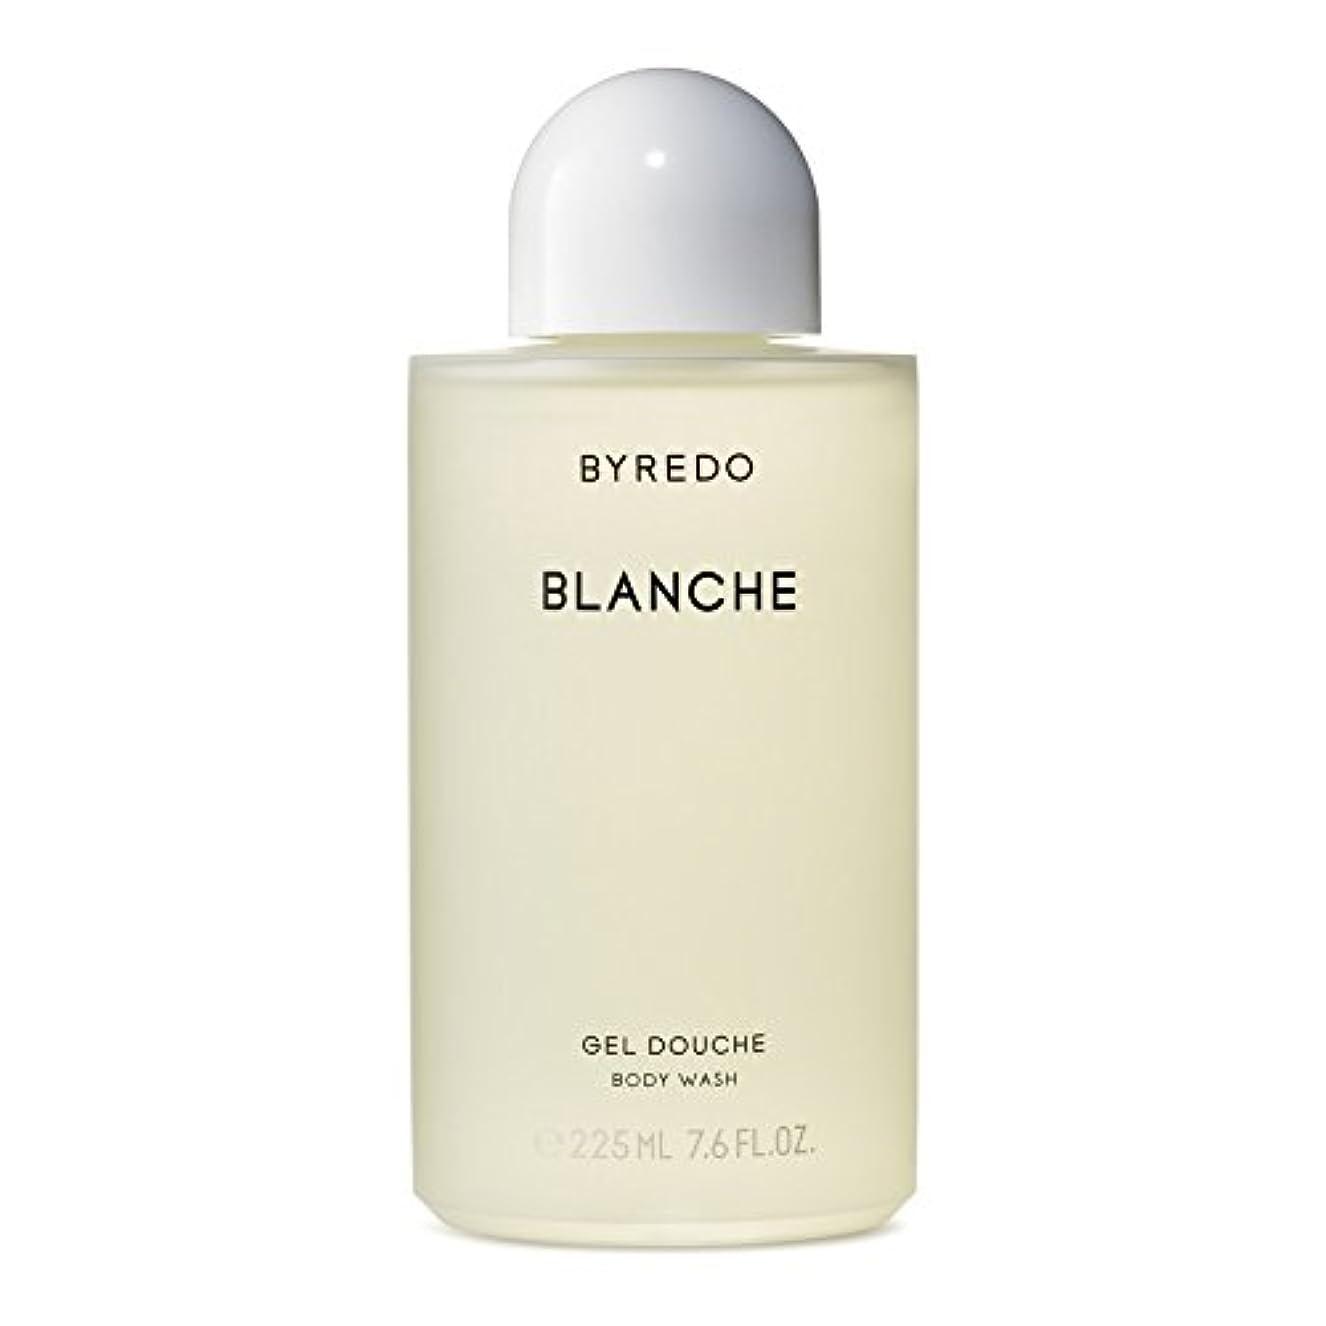 普遍的な同行する保証Byredo Blanche Body Wash 225ml - ブランシュボディウォッシュ225ミリリットル [並行輸入品]